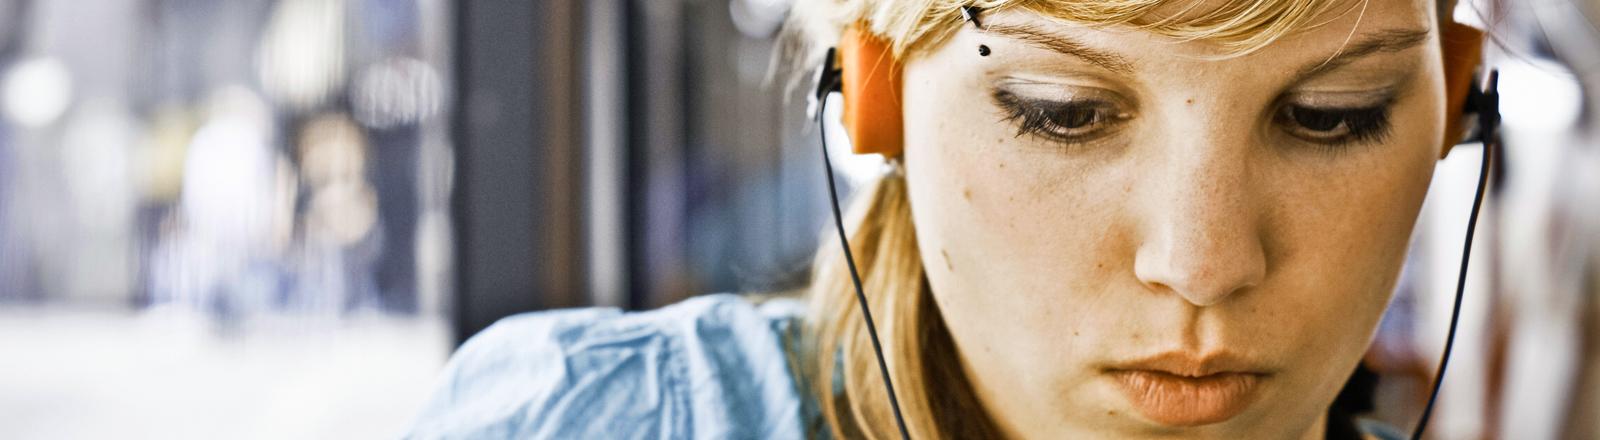 Eine Frau trägt Kopfhörer und konzentriert sich auf den Ton.